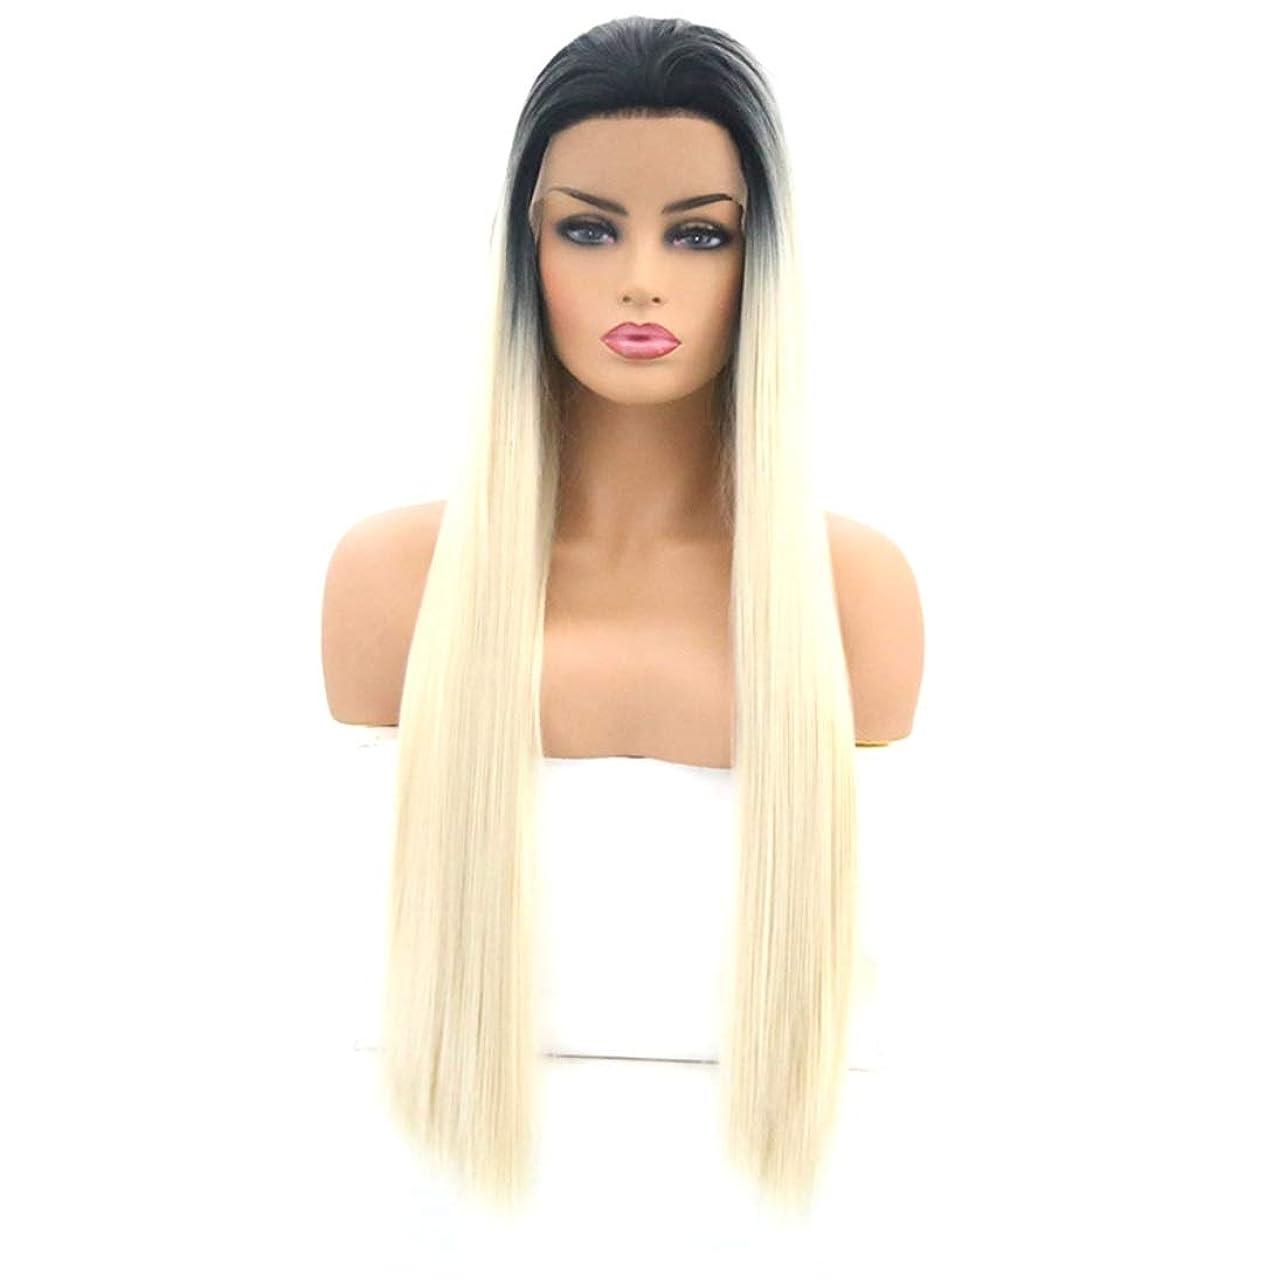 到着する症候群始めるSummerys 女性のためのロングストレートヘアウィッグフロントレース高温シルクウィッグセット (Size : 26 inches)